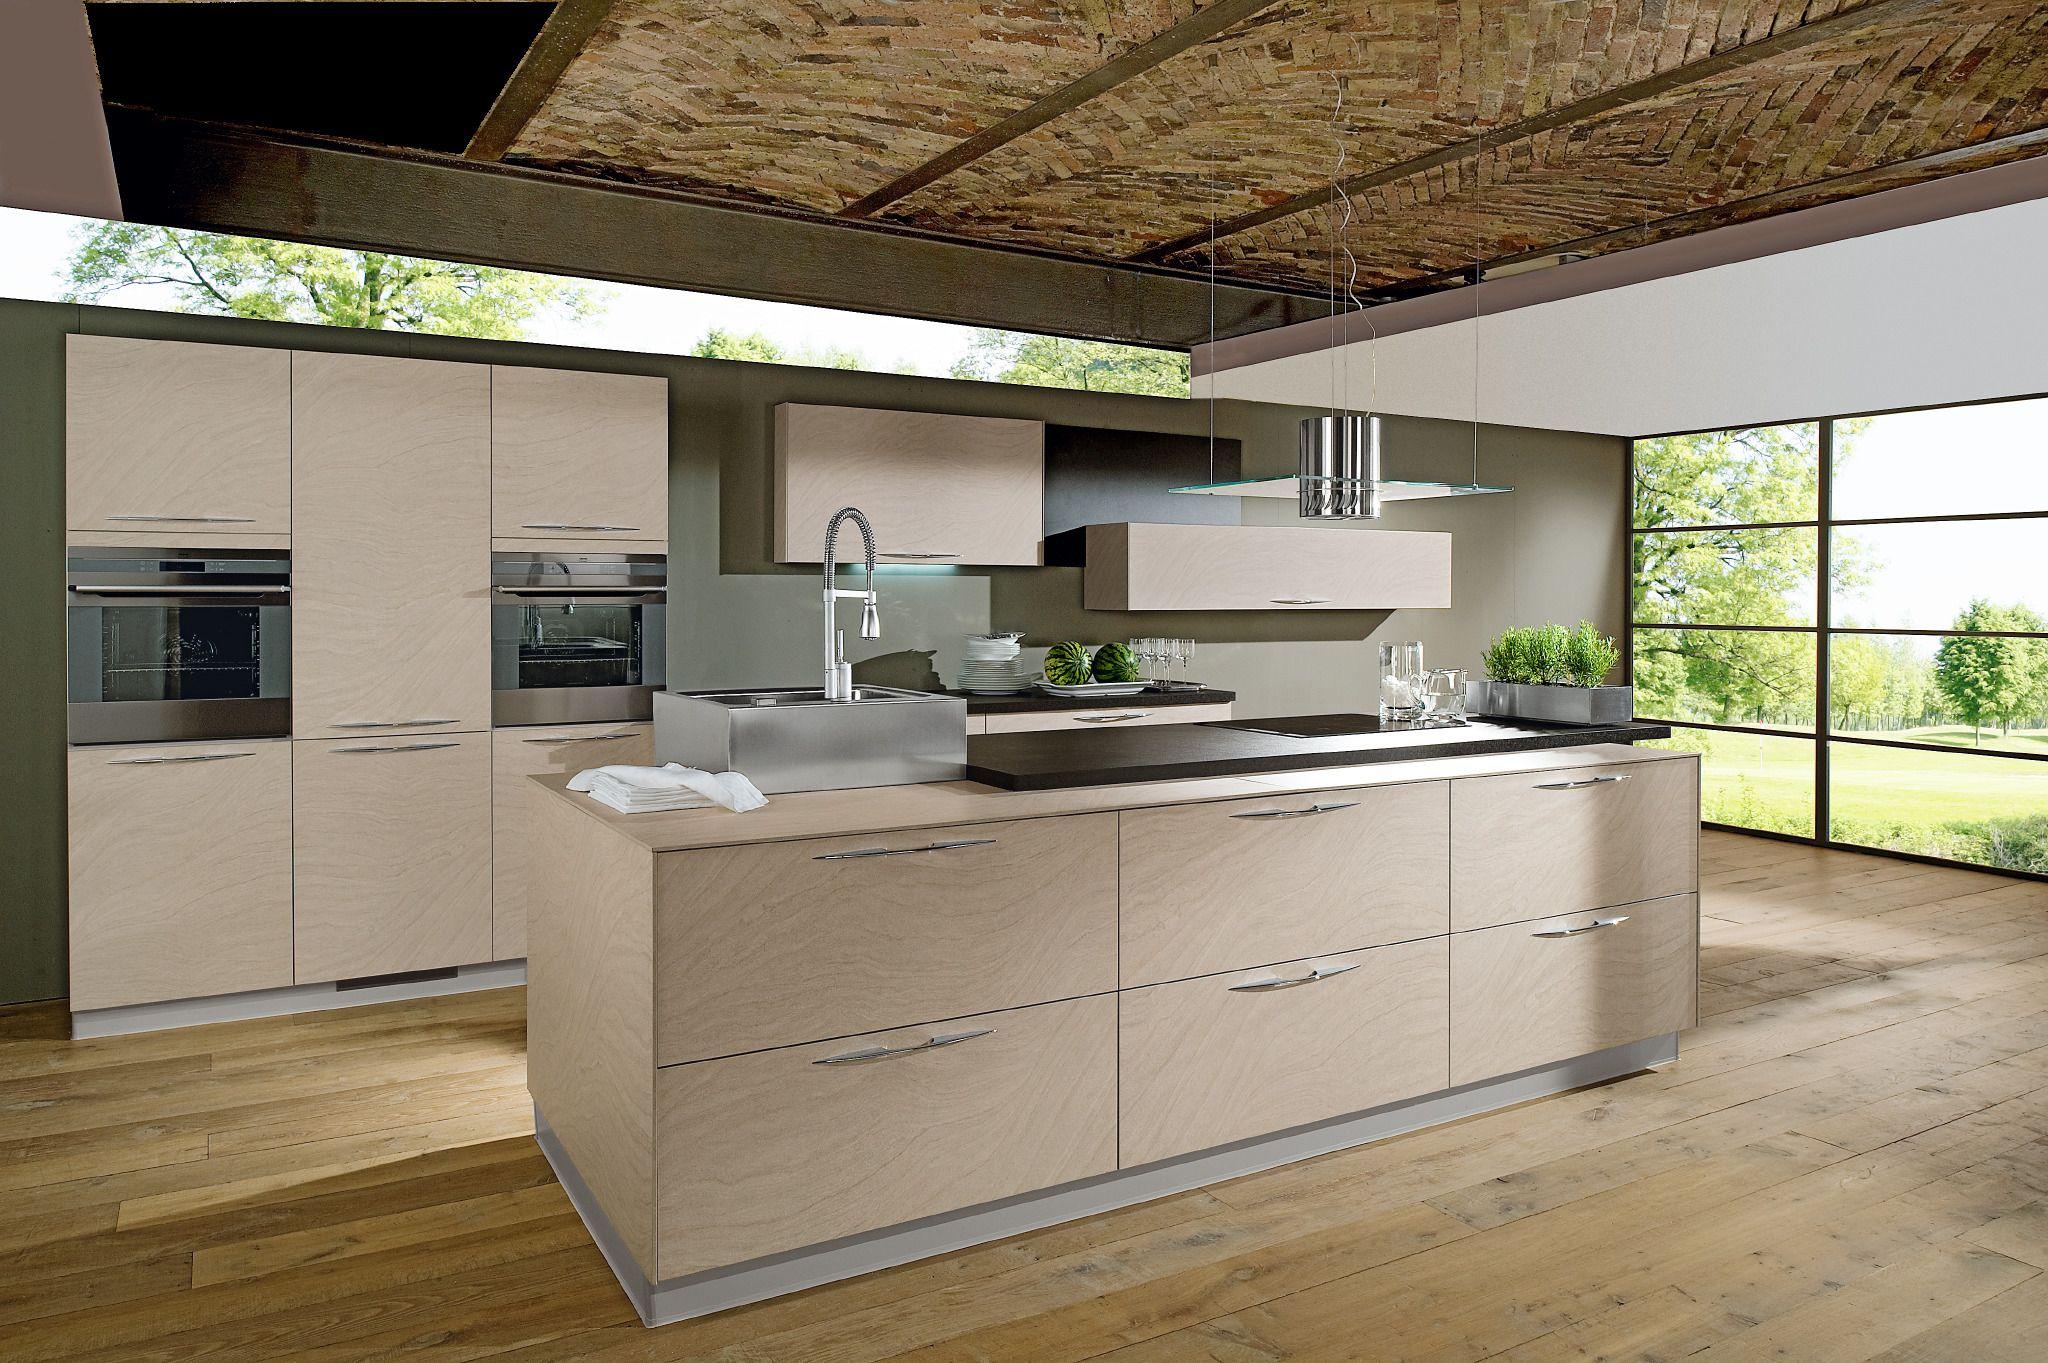 Luxury Your German Kitchen Kitchen Styling Modern Kitchen Cabinets Kitchen Cabinet Design